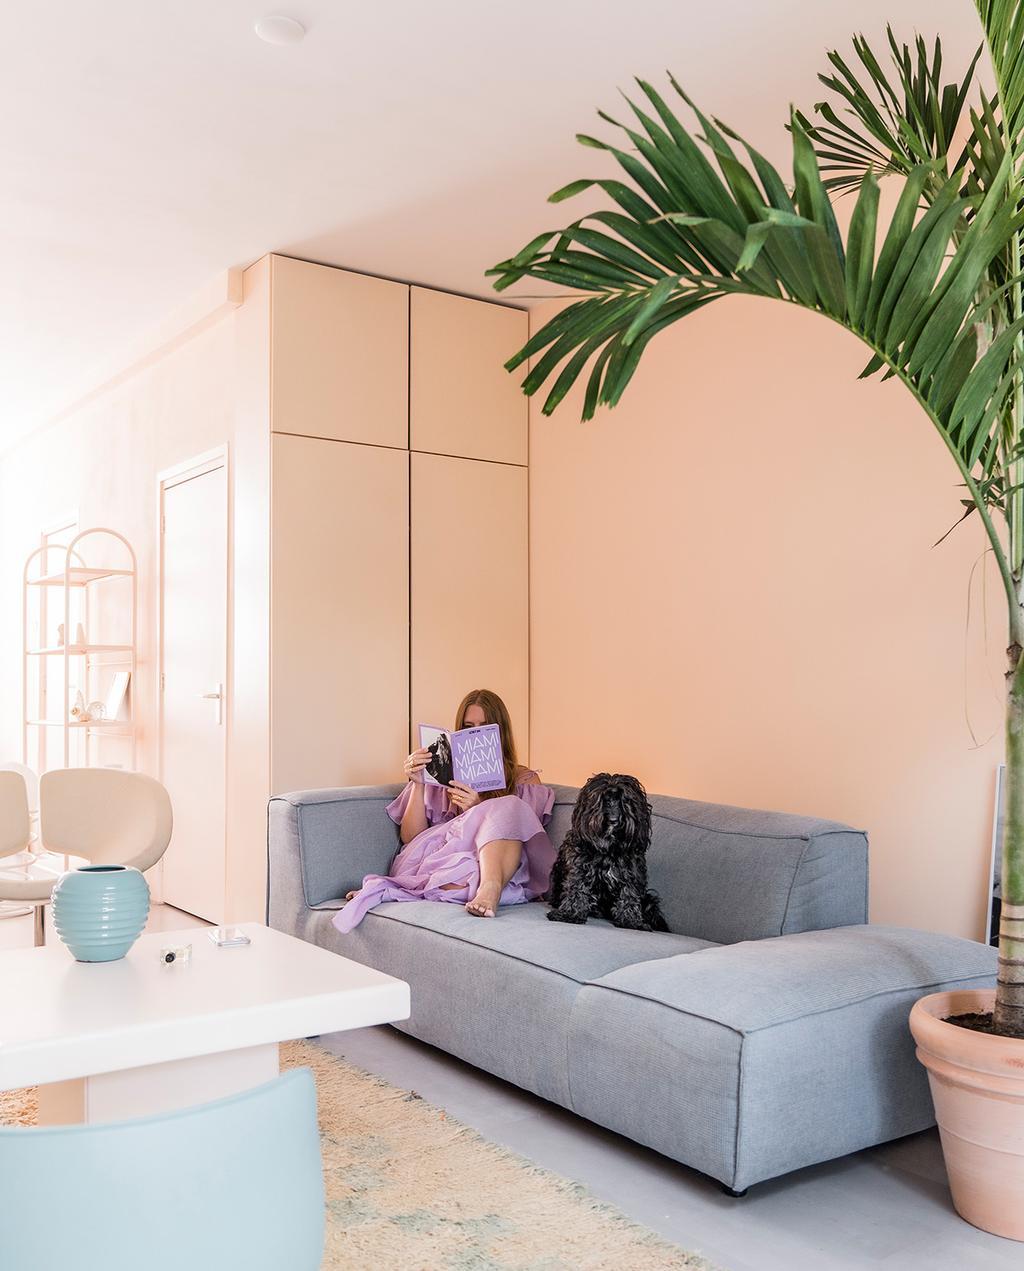 vtwonen special tiny houses 03-2021 | grijze bank in wevershuis met witte tafel en pastel oranje kleur muren